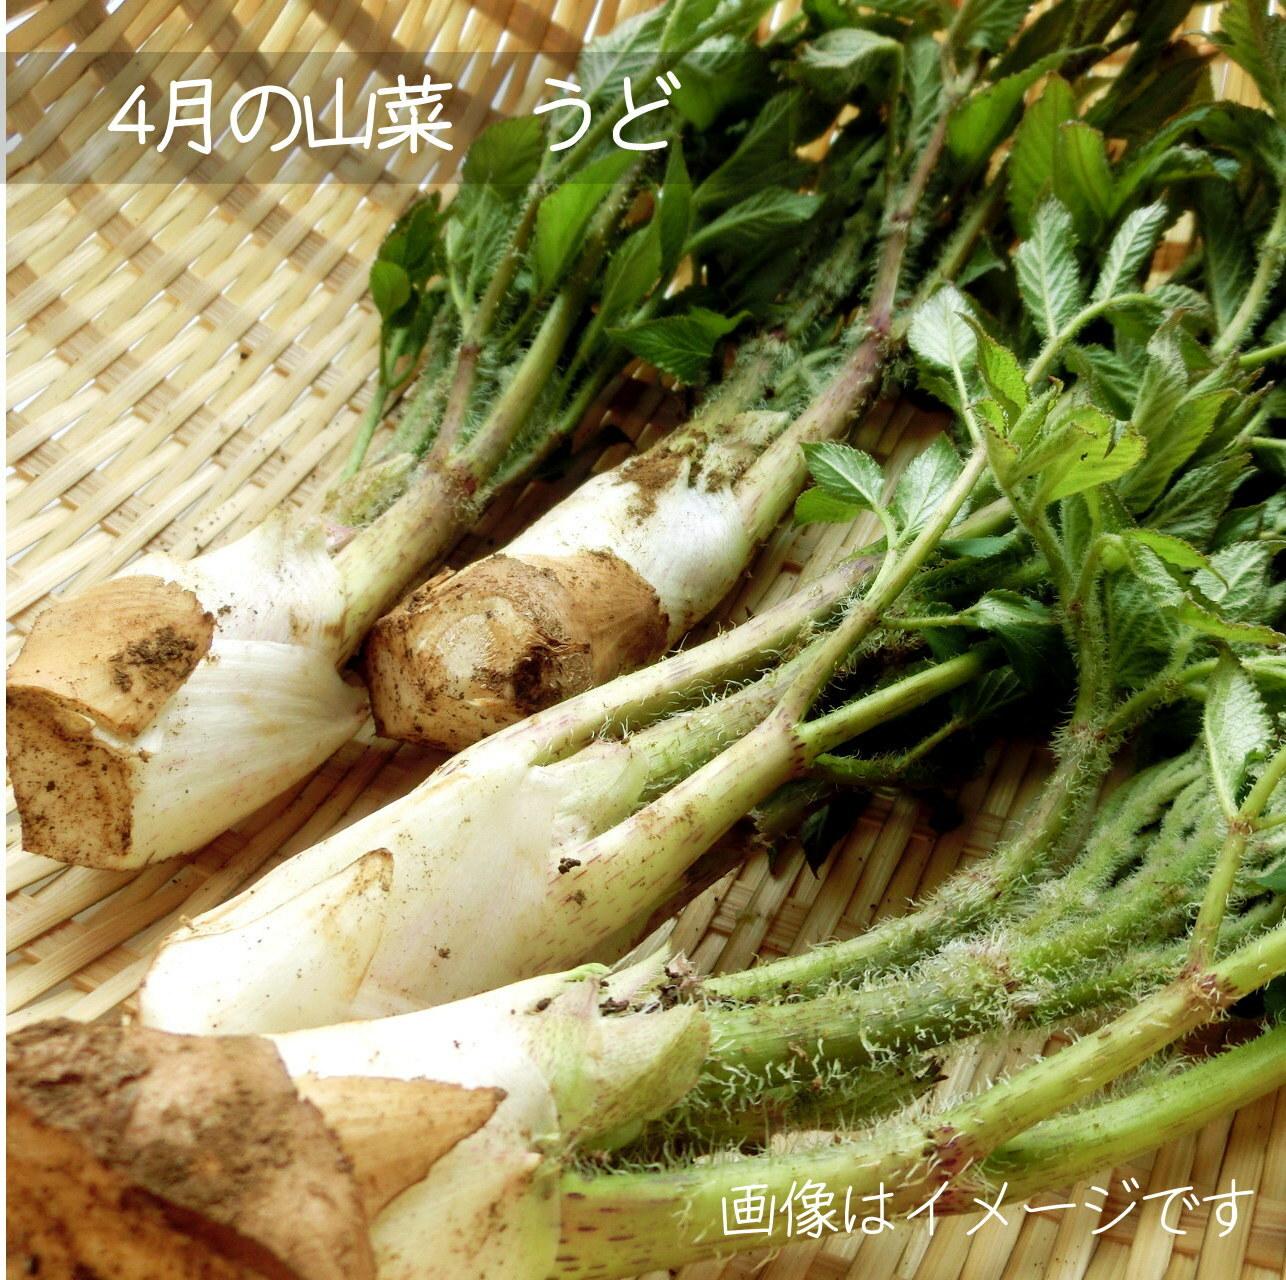 5月の朝採り直売野菜 ウド 春の山菜 5月2日発送予定